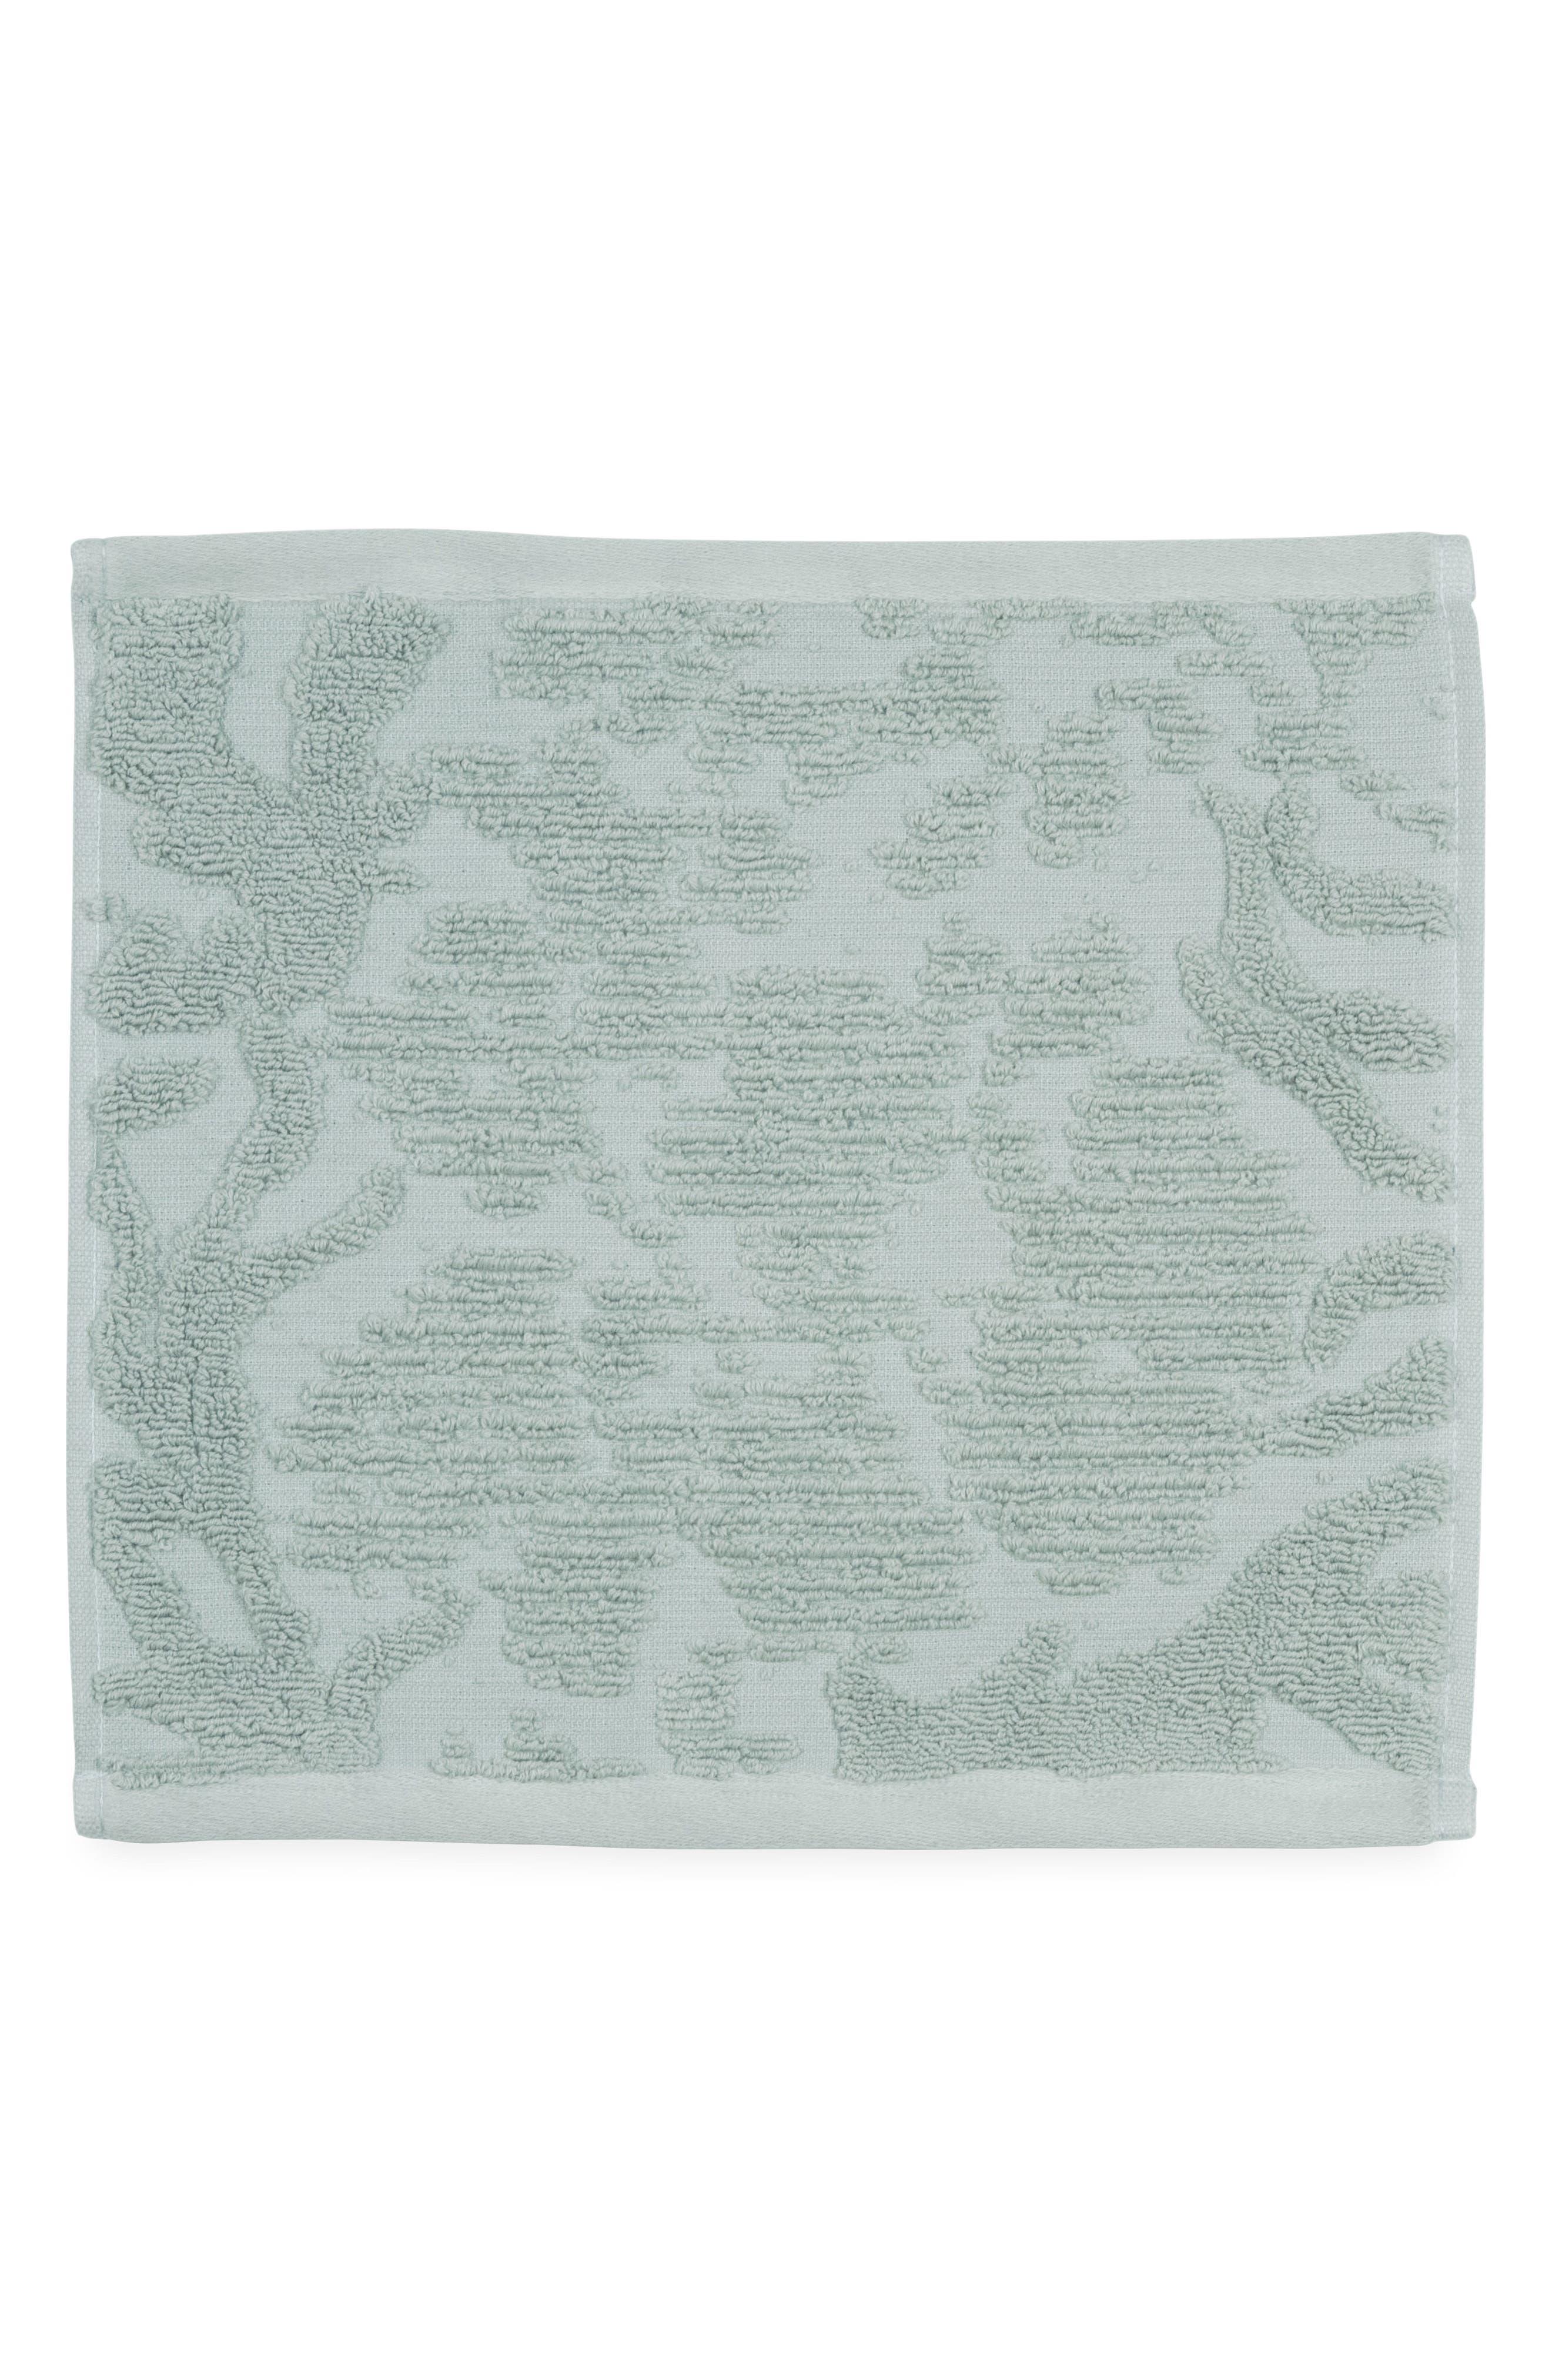 Ocean Reef Washcloth,                         Main,                         color, SEAFOAM